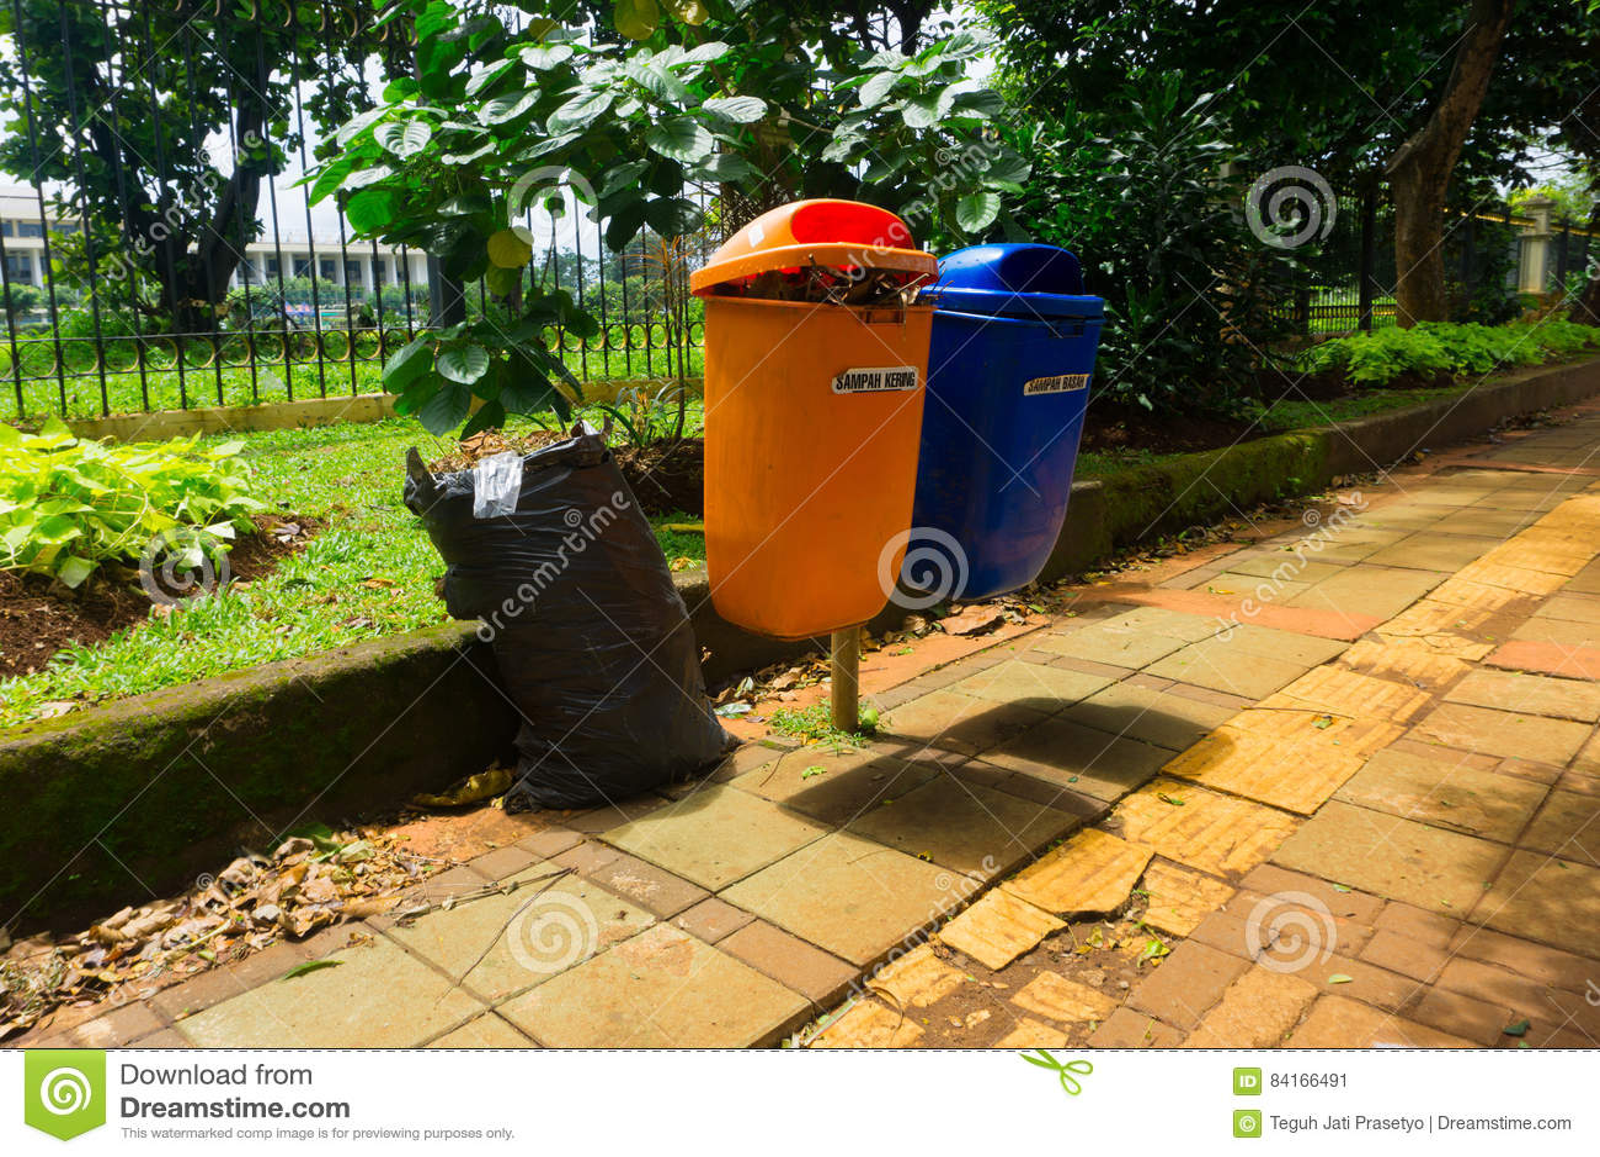 在雅加达拍的橙色和蓝色垃圾桶照片印度尼西亚